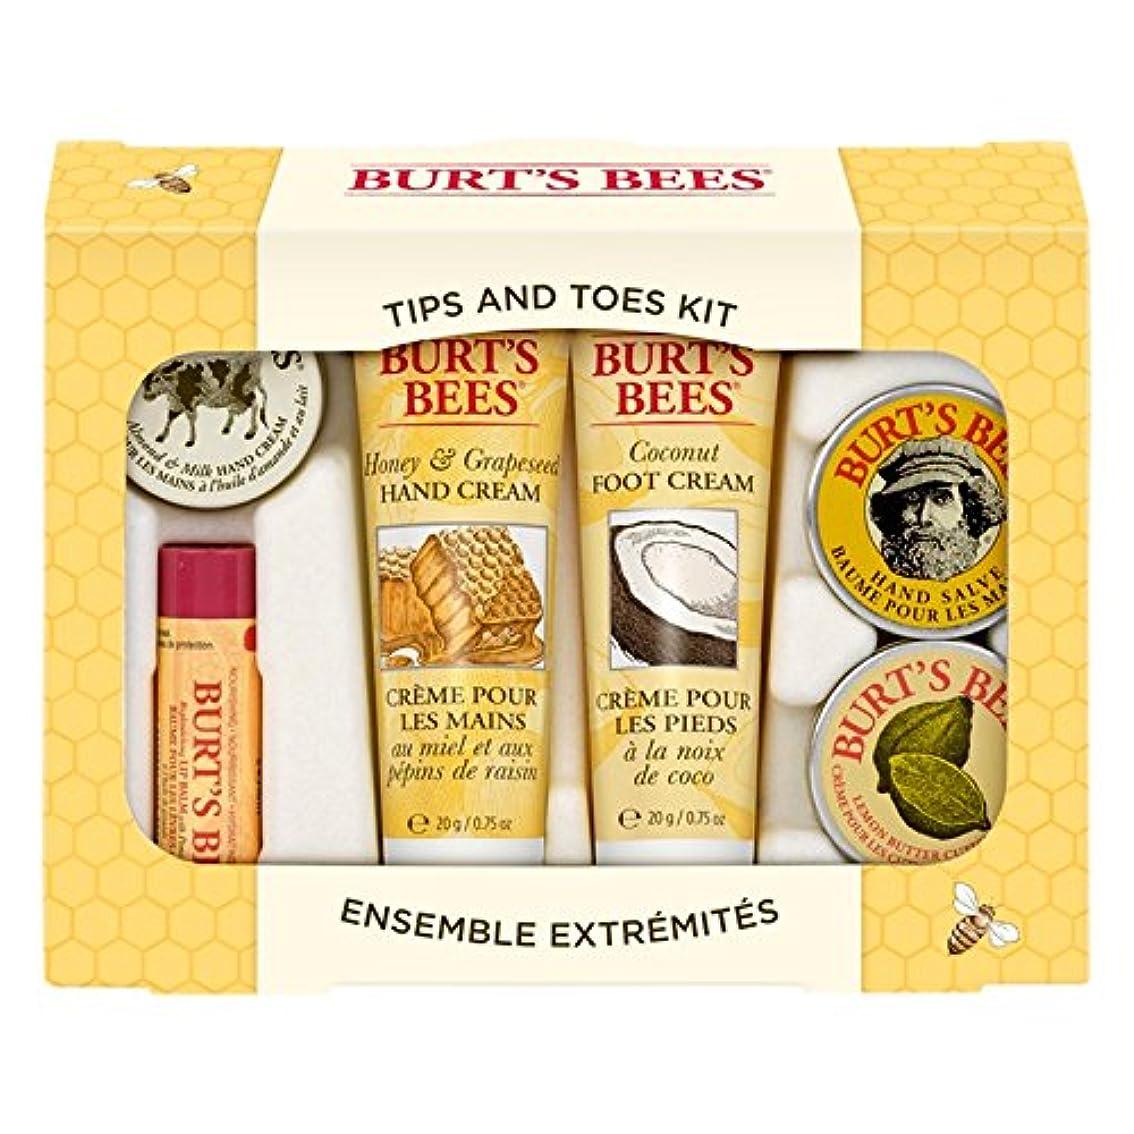 破壊するヒップ寄付するバーツビーのヒントとつま先はスターターキットをスキンケア (Burt's Bees) - Burt's Bees Tips And Toes Skincare Starter Kit [並行輸入品]